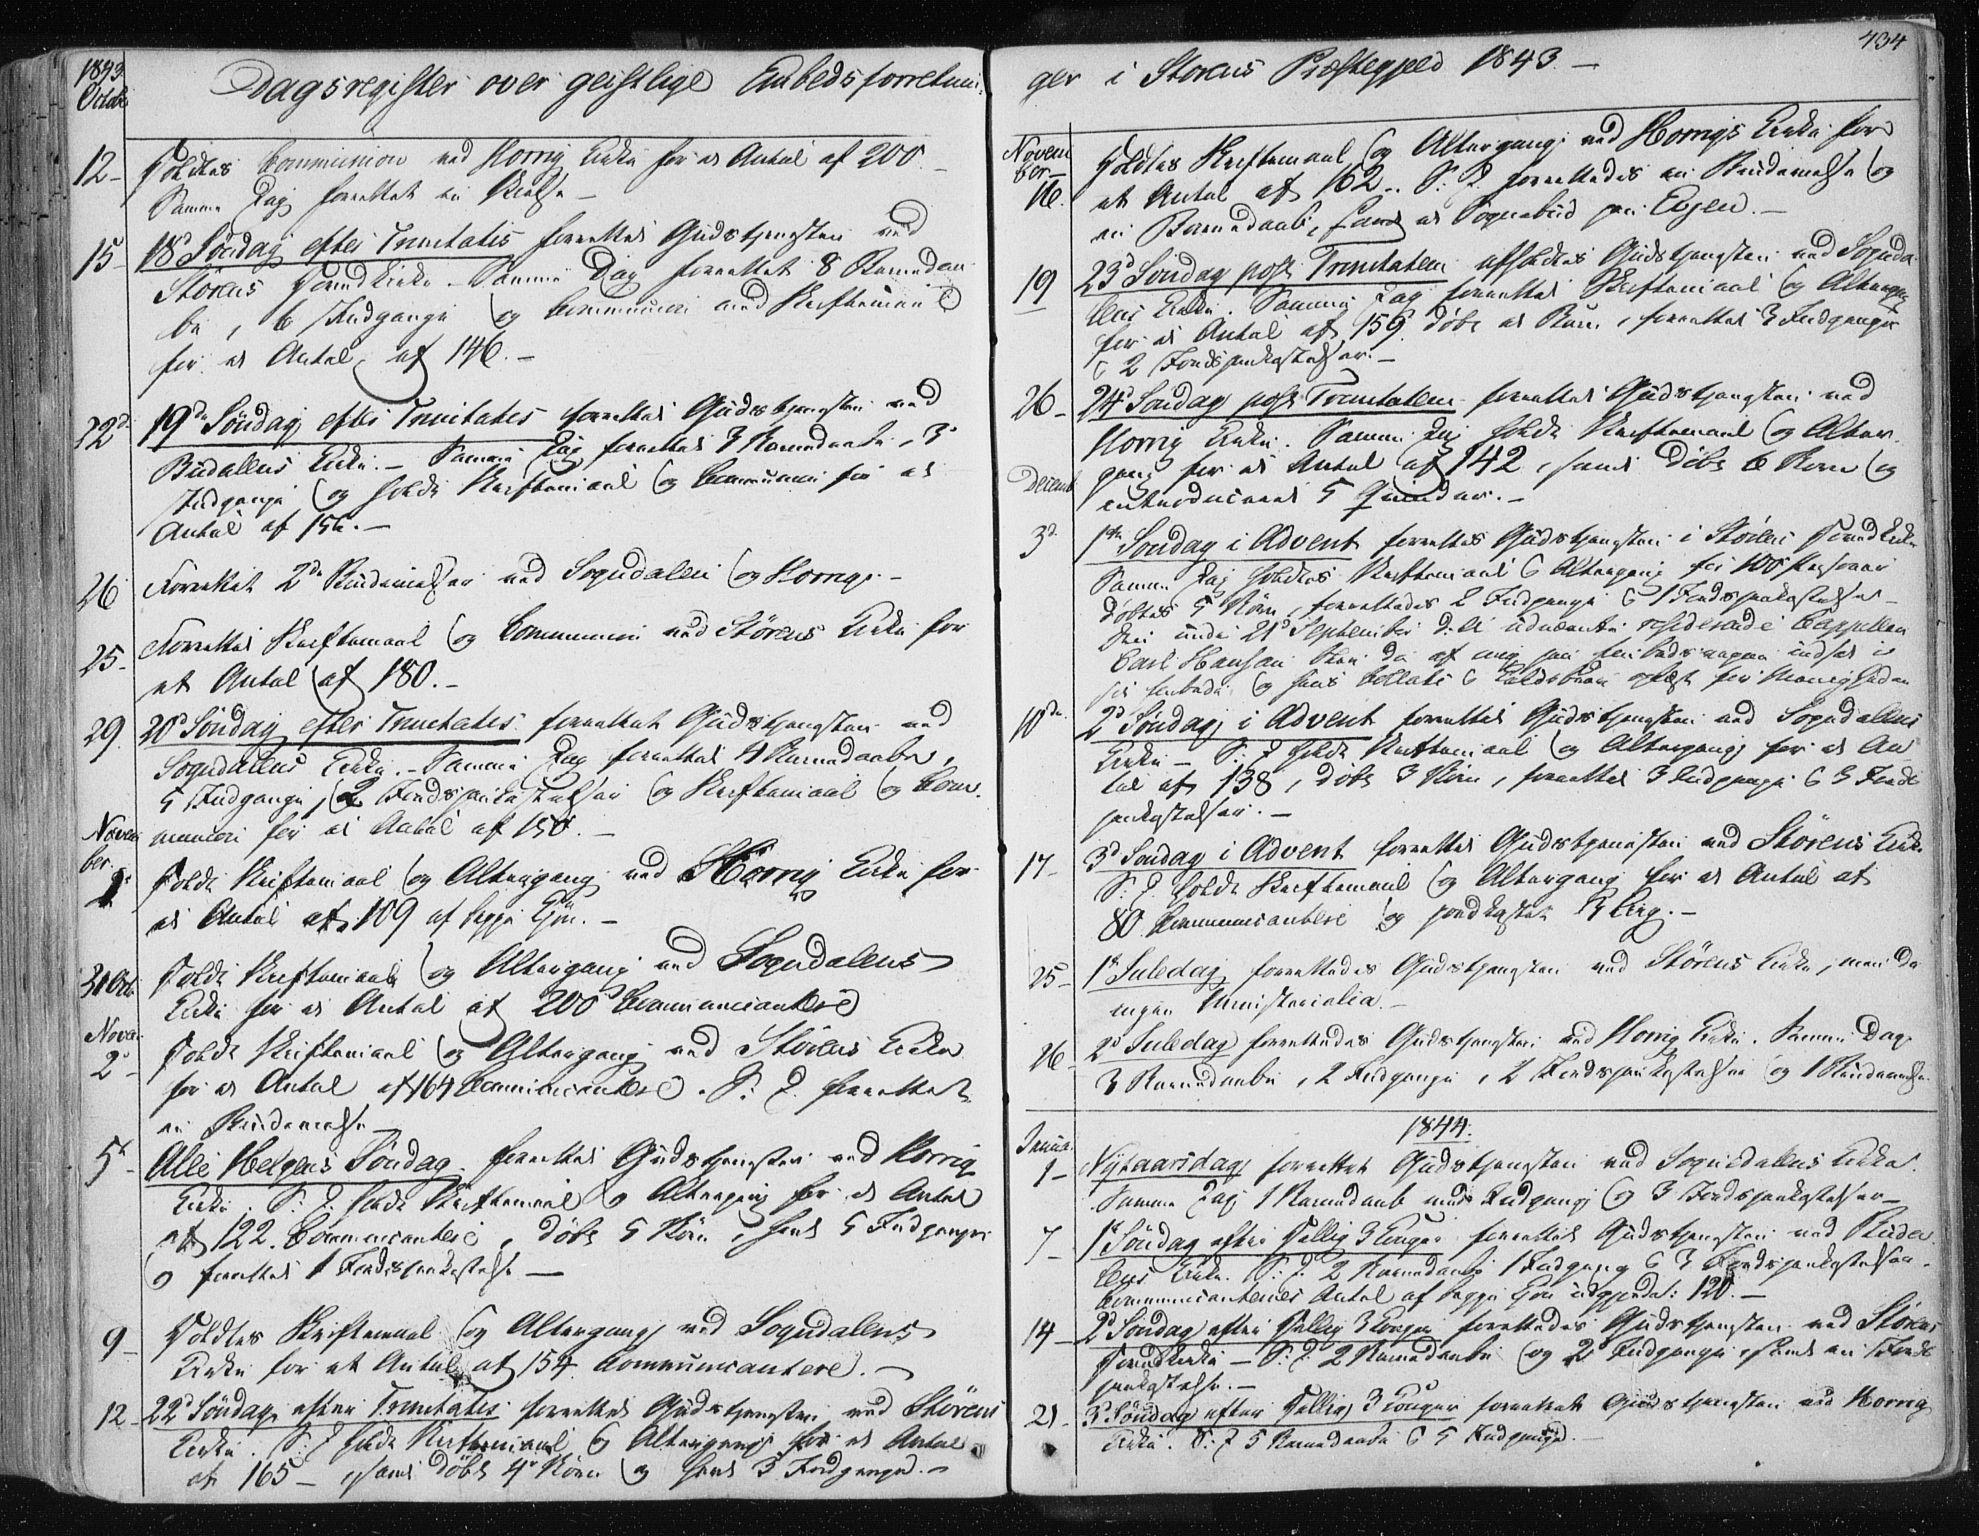 SAT, Ministerialprotokoller, klokkerbøker og fødselsregistre - Sør-Trøndelag, 687/L0997: Ministerialbok nr. 687A05 /1, 1843-1848, s. 434